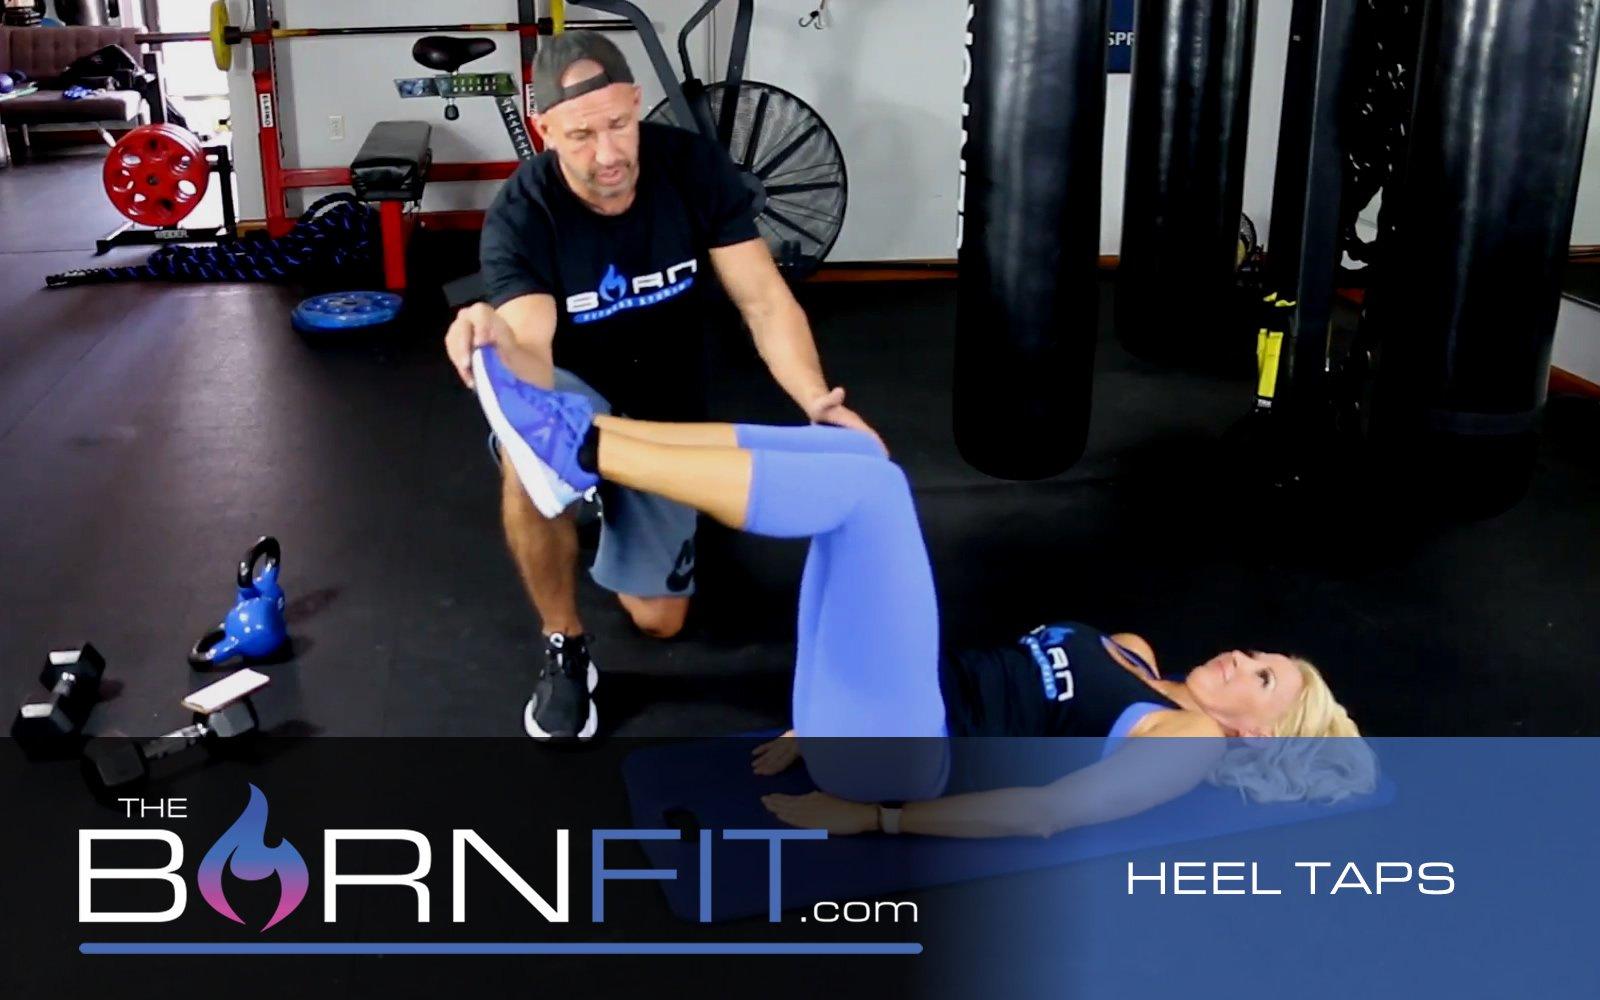 Heel Taps Workout